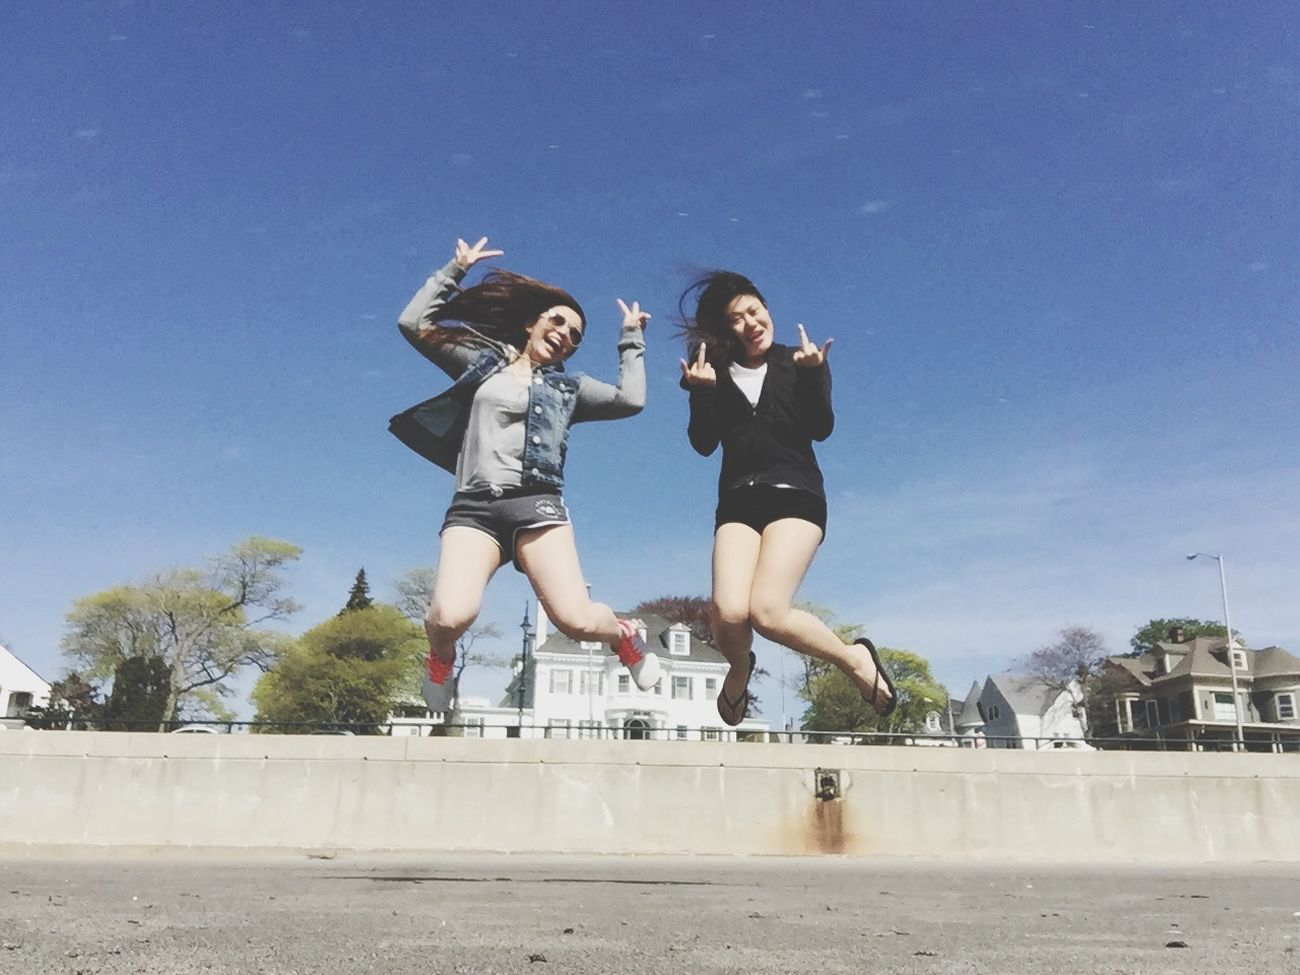 Ride or die 🙌 Bestfriend Beach Salem Crazy Fun Derp Hilarious 😂😂😂 Capturing Freedom